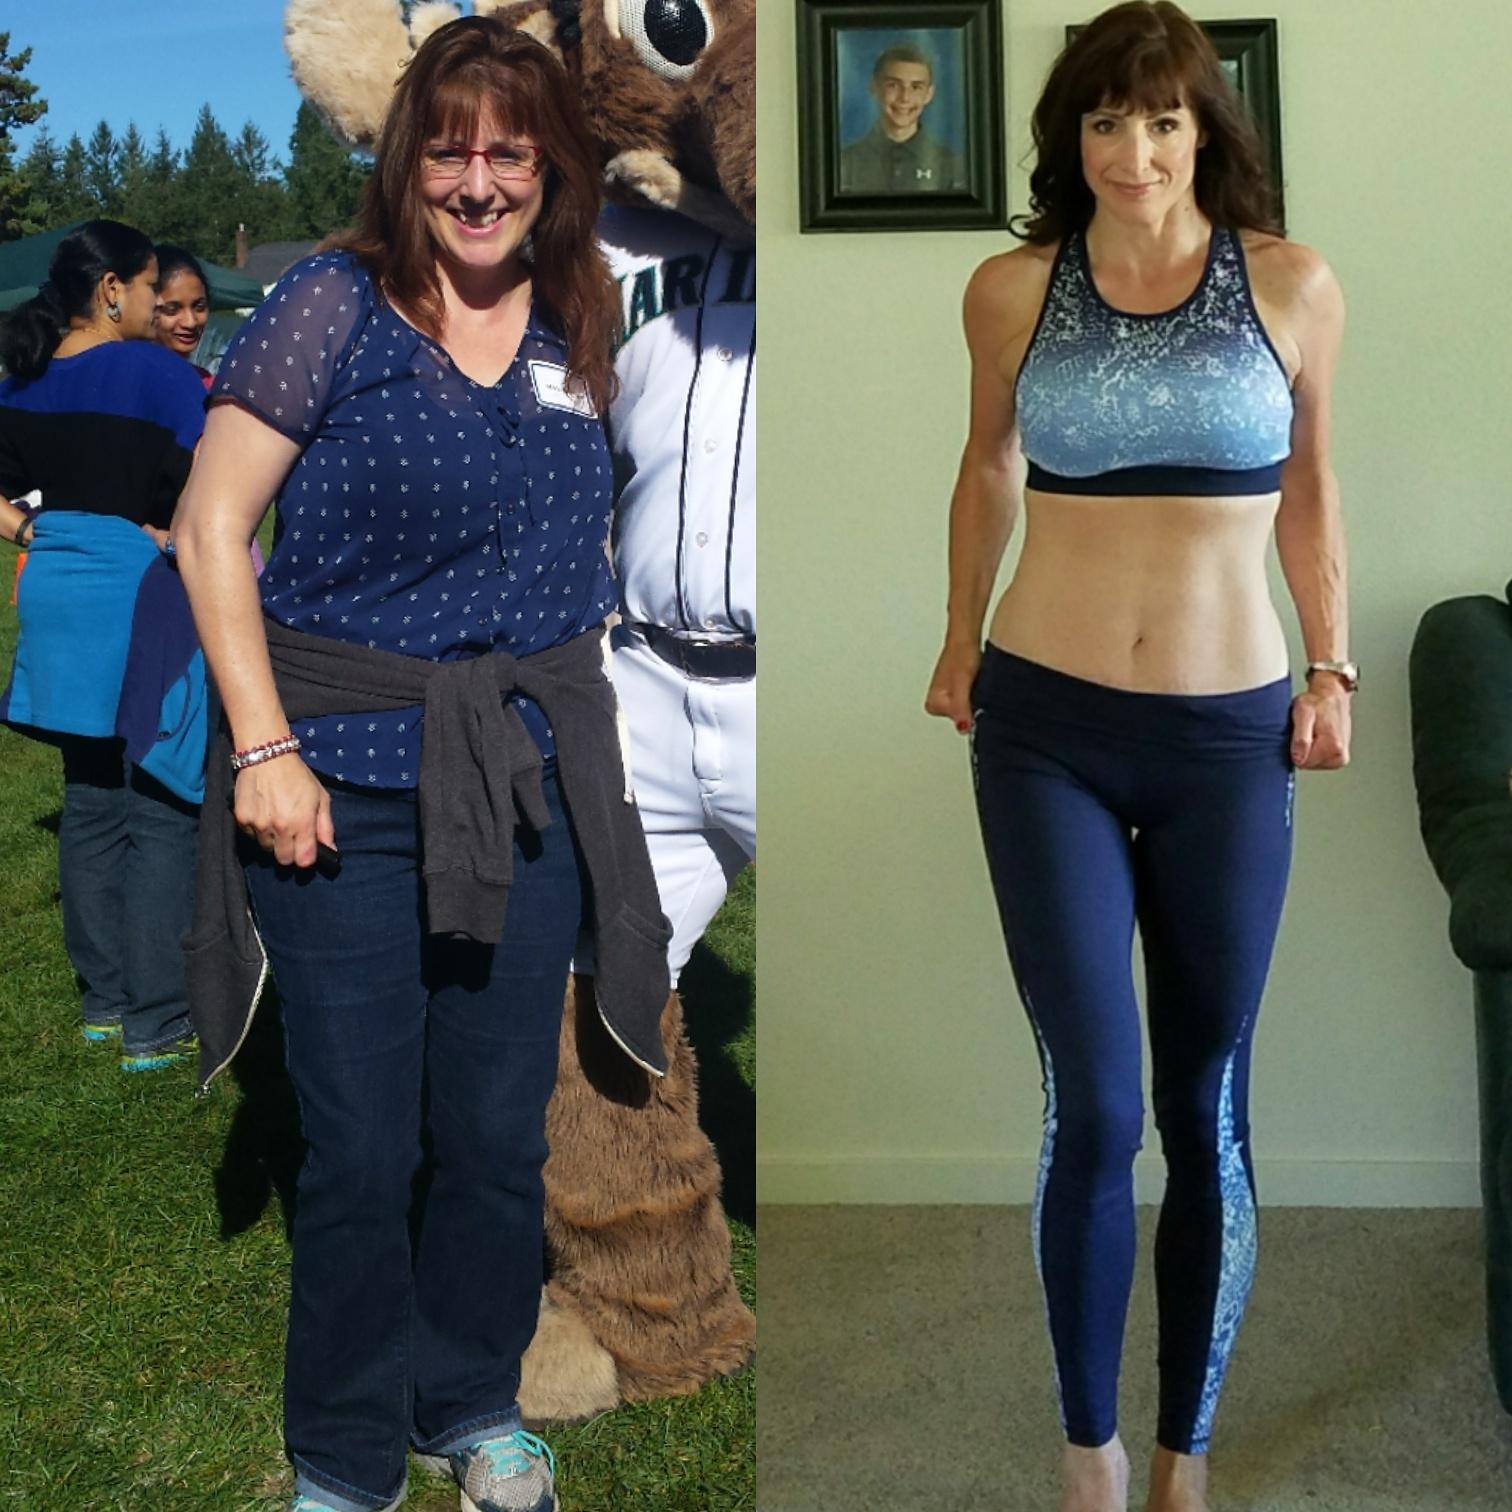 Grâce à YooSlim, je me suis débarrassé des kilos superflus et j'ai retrouvé mon ancienne apparence.